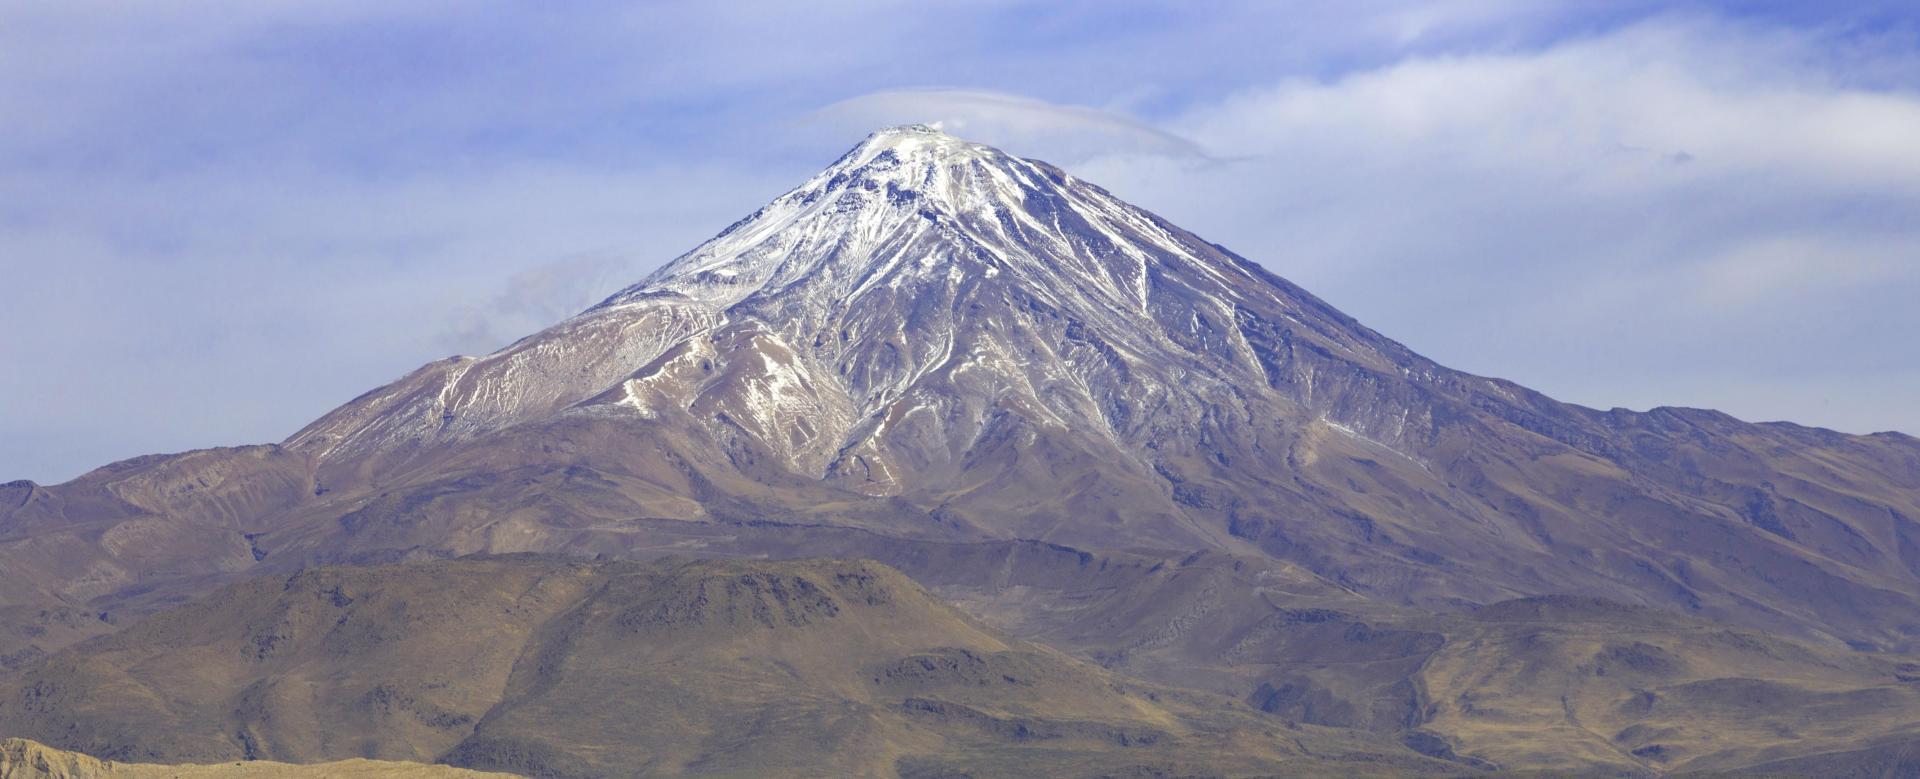 Voyage à pied Iran : Damavand et villes perses